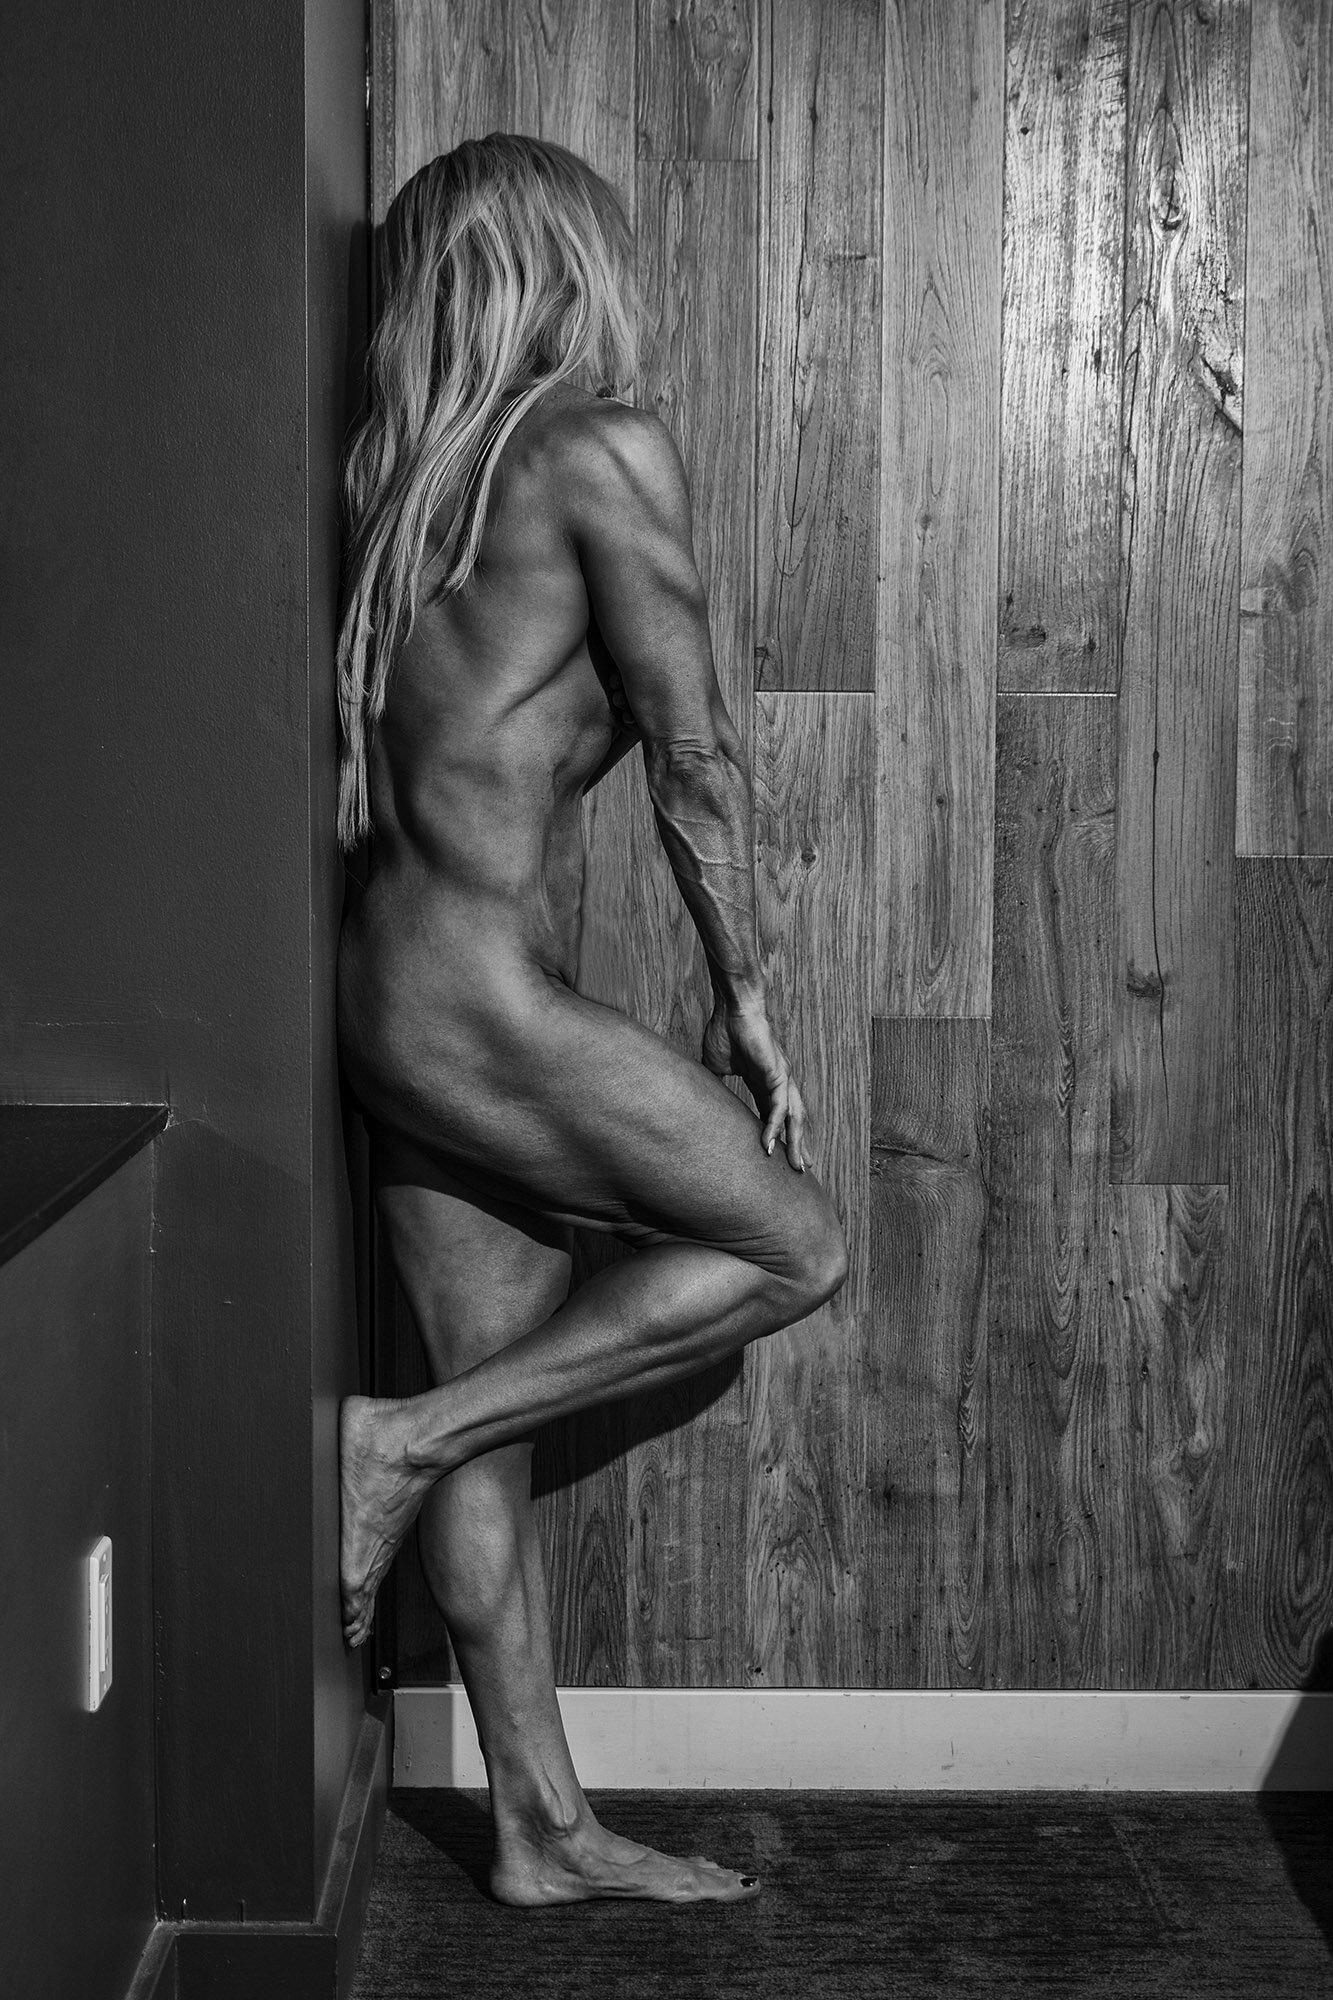 Full body flex